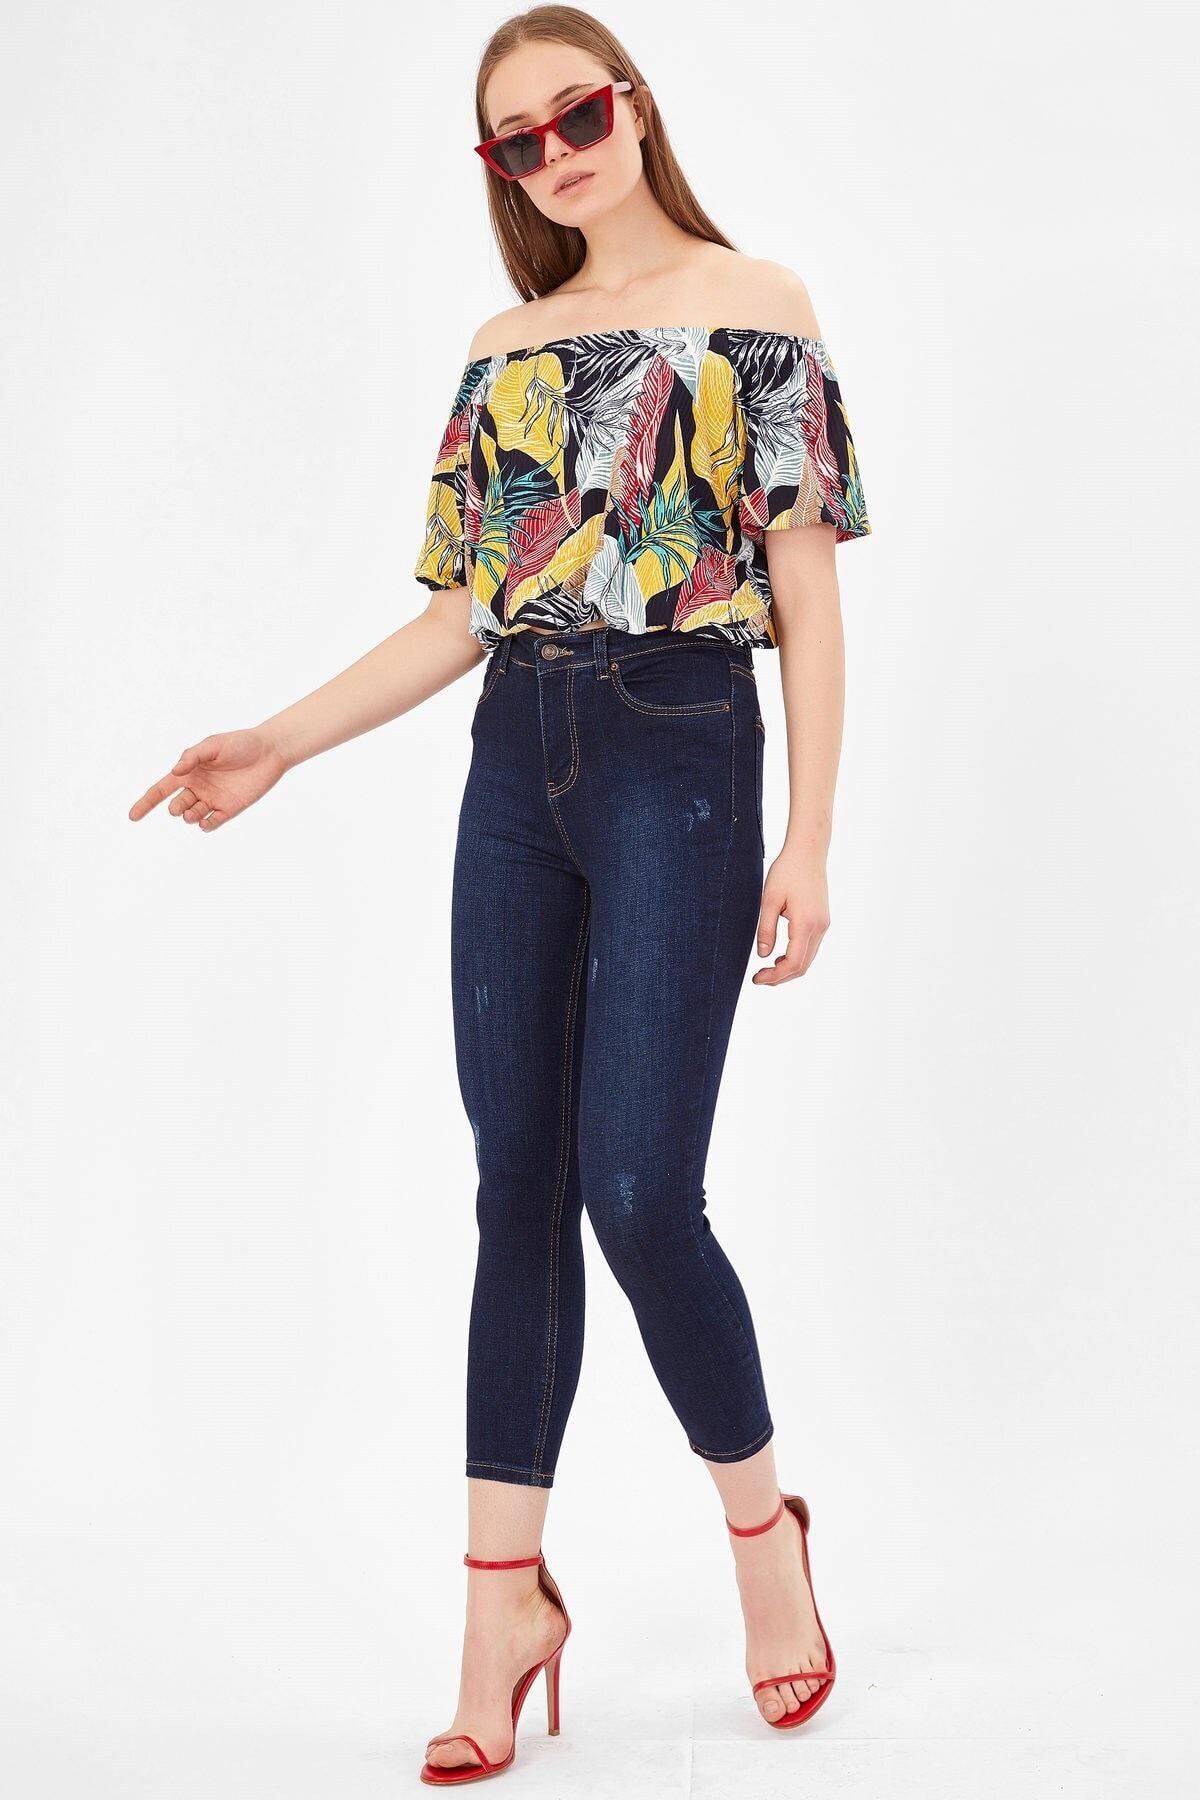 Arma Life Kadın Koyu Mavi Tırnaklı Yüksek Bel Pantolon 2